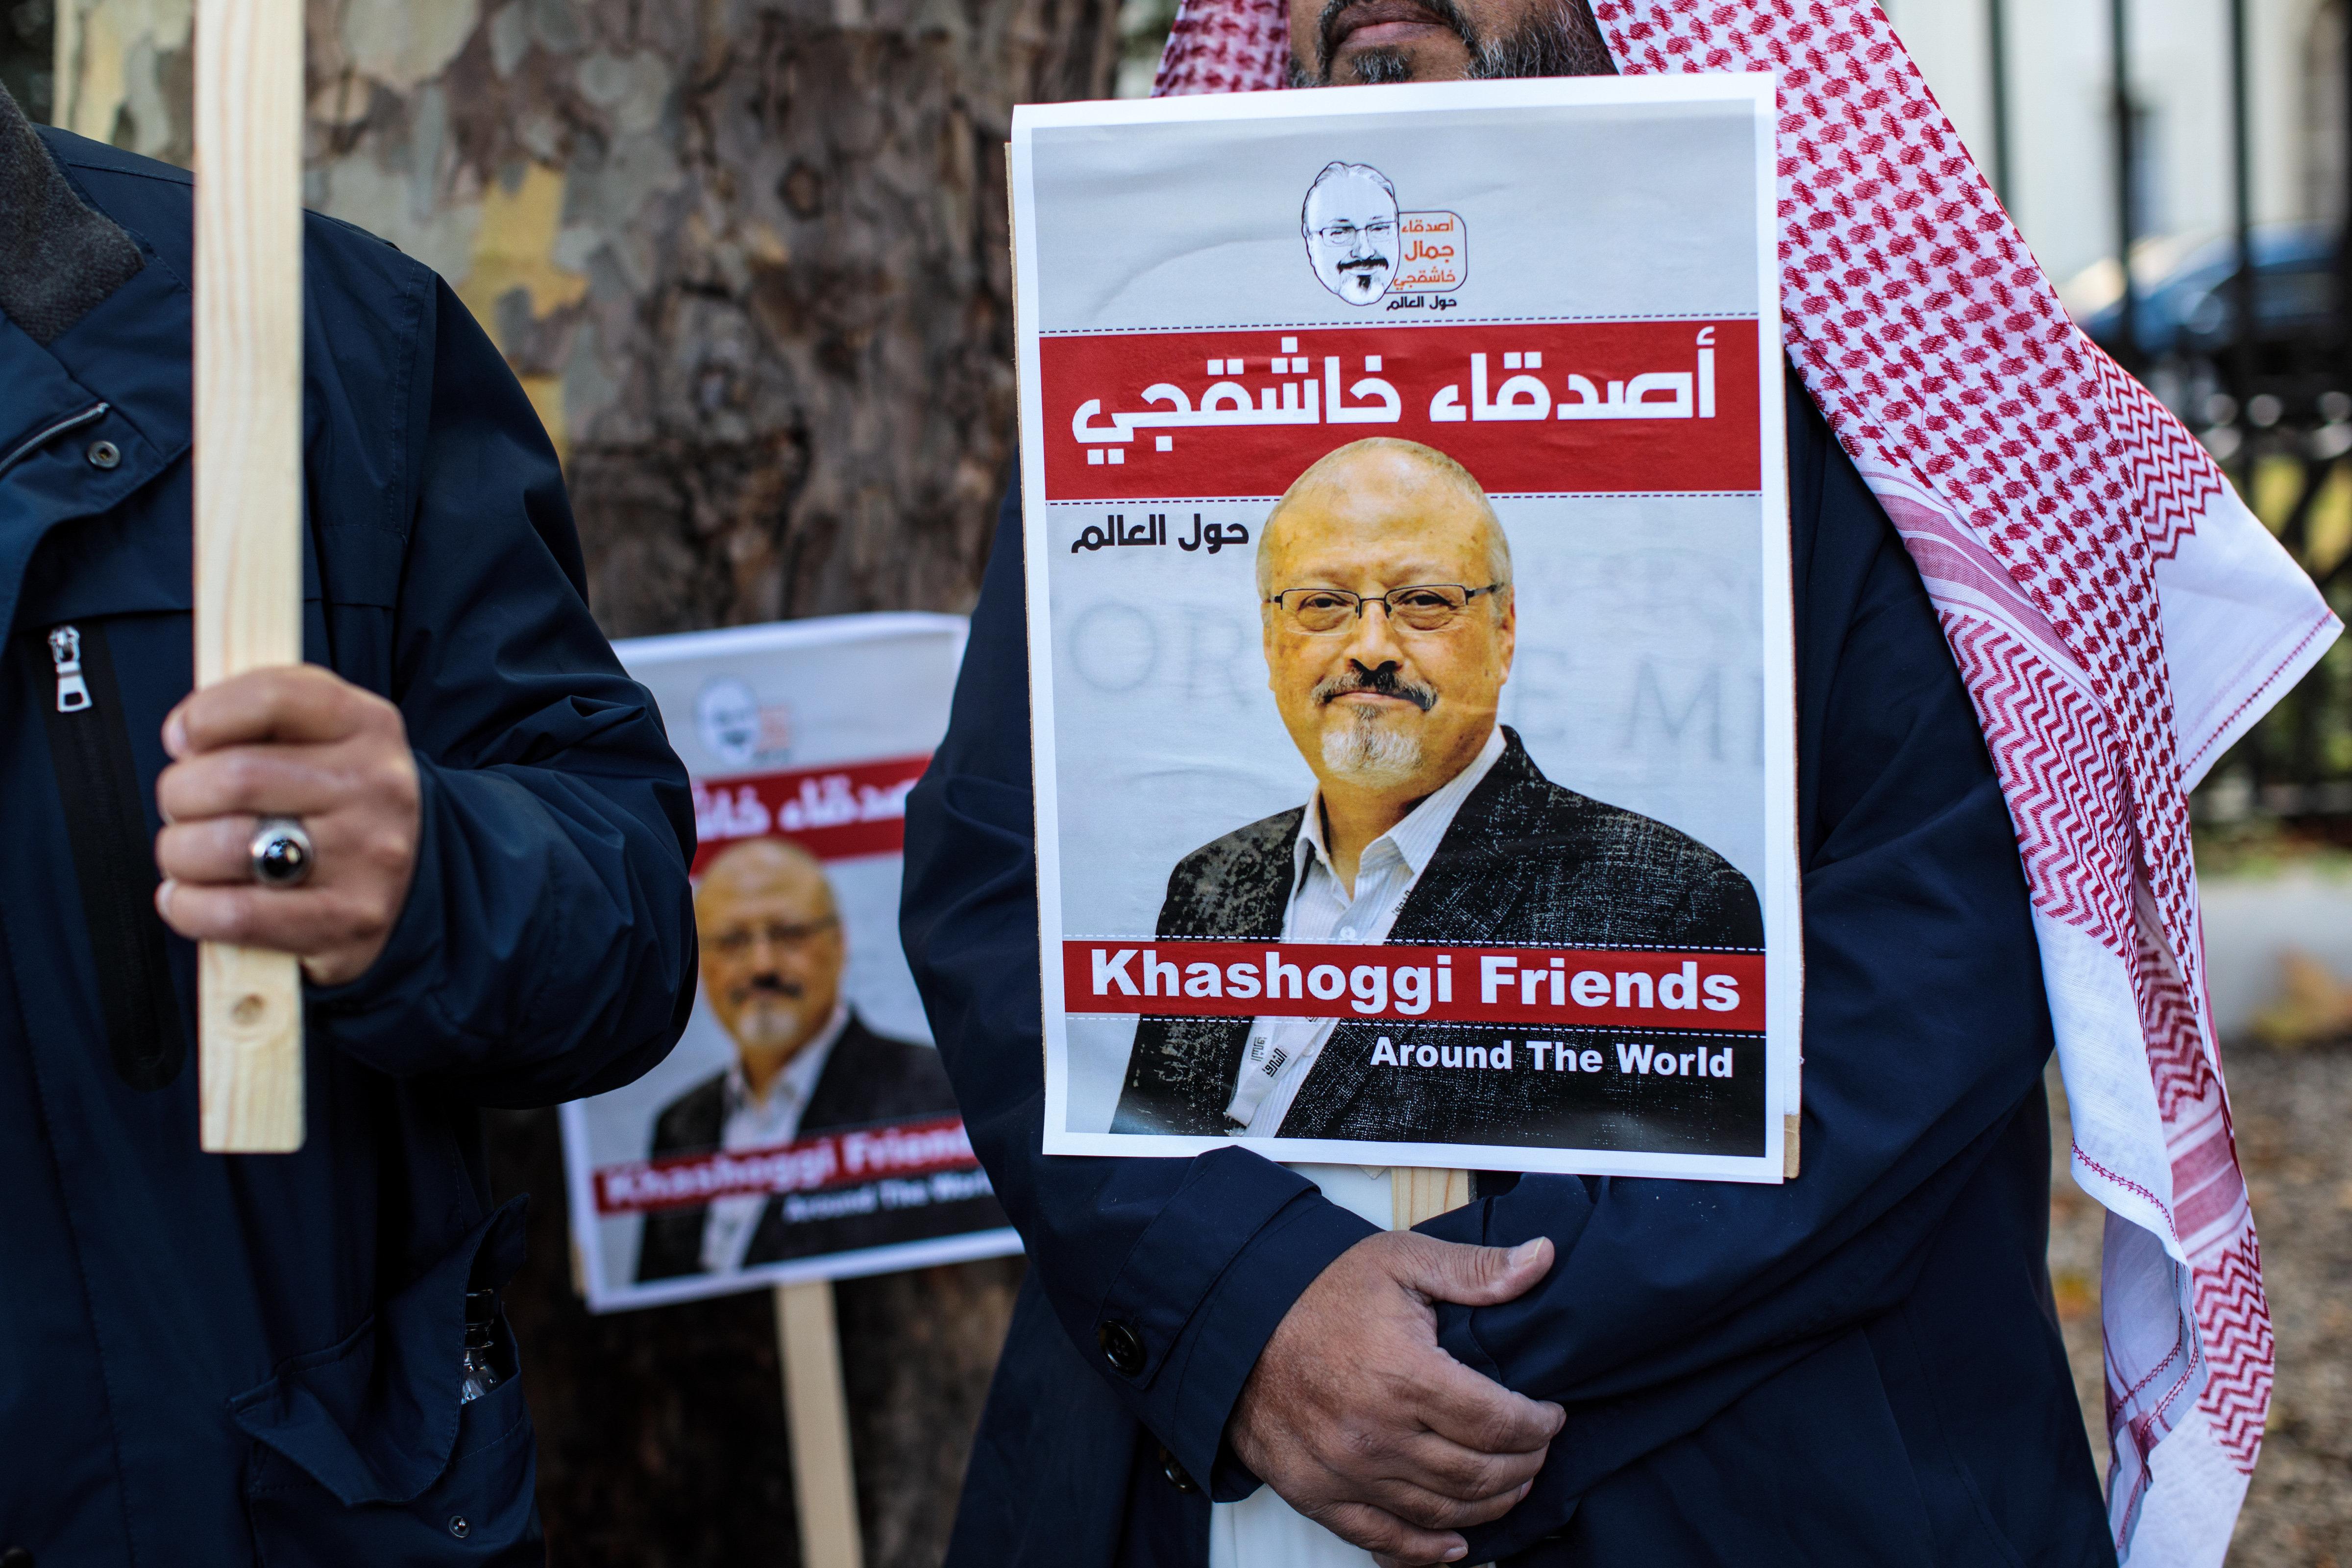 사우디가 카쇼기 살해 '은폐조'를 투입했다고 터키가 밝혔다